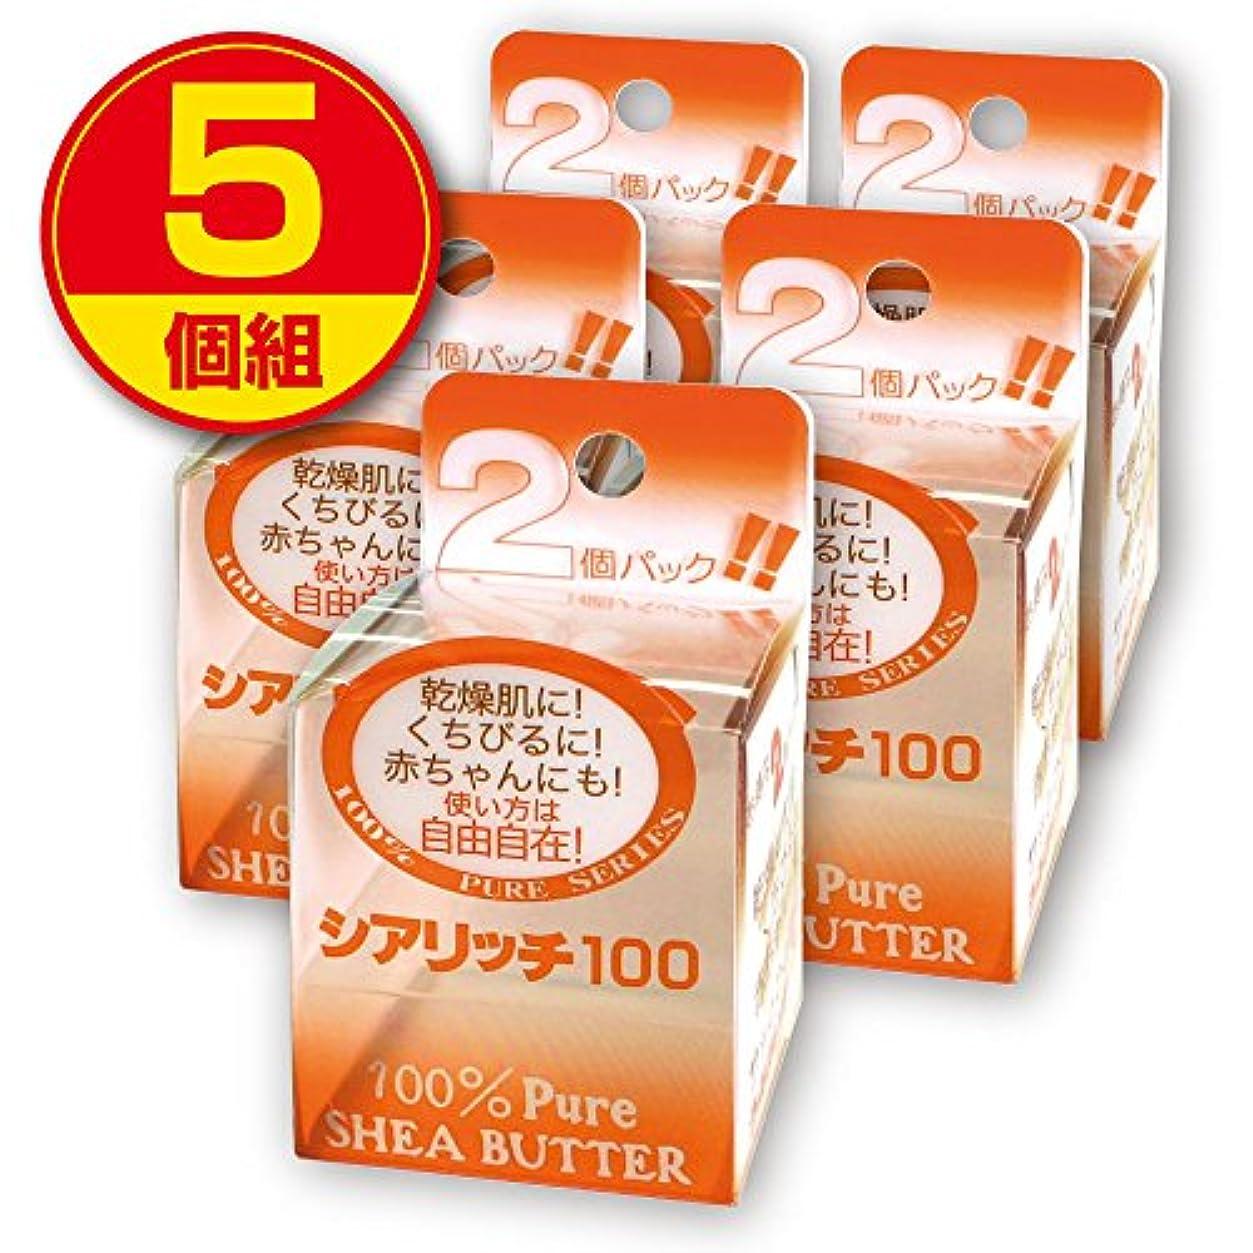 建築魅惑するに沿って日本天然物研究所 シアリッチ100 (8g×2個入り)【5個組】(無添加100%シアバター)無香料